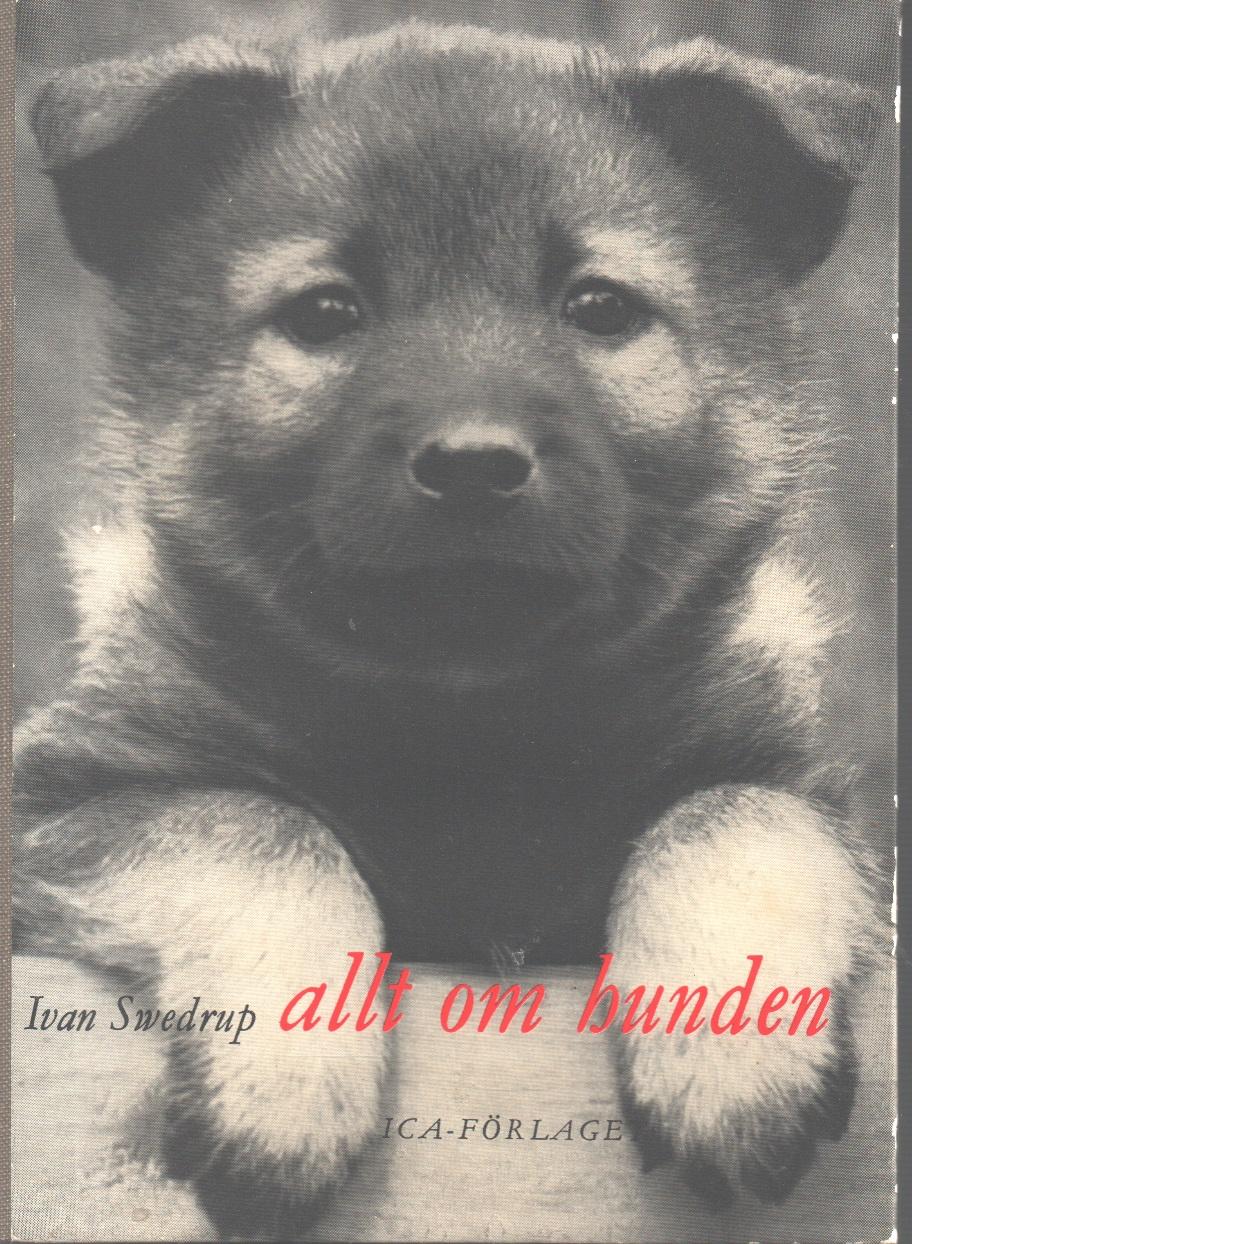 Allt om hunden - Swedrup, Ivan